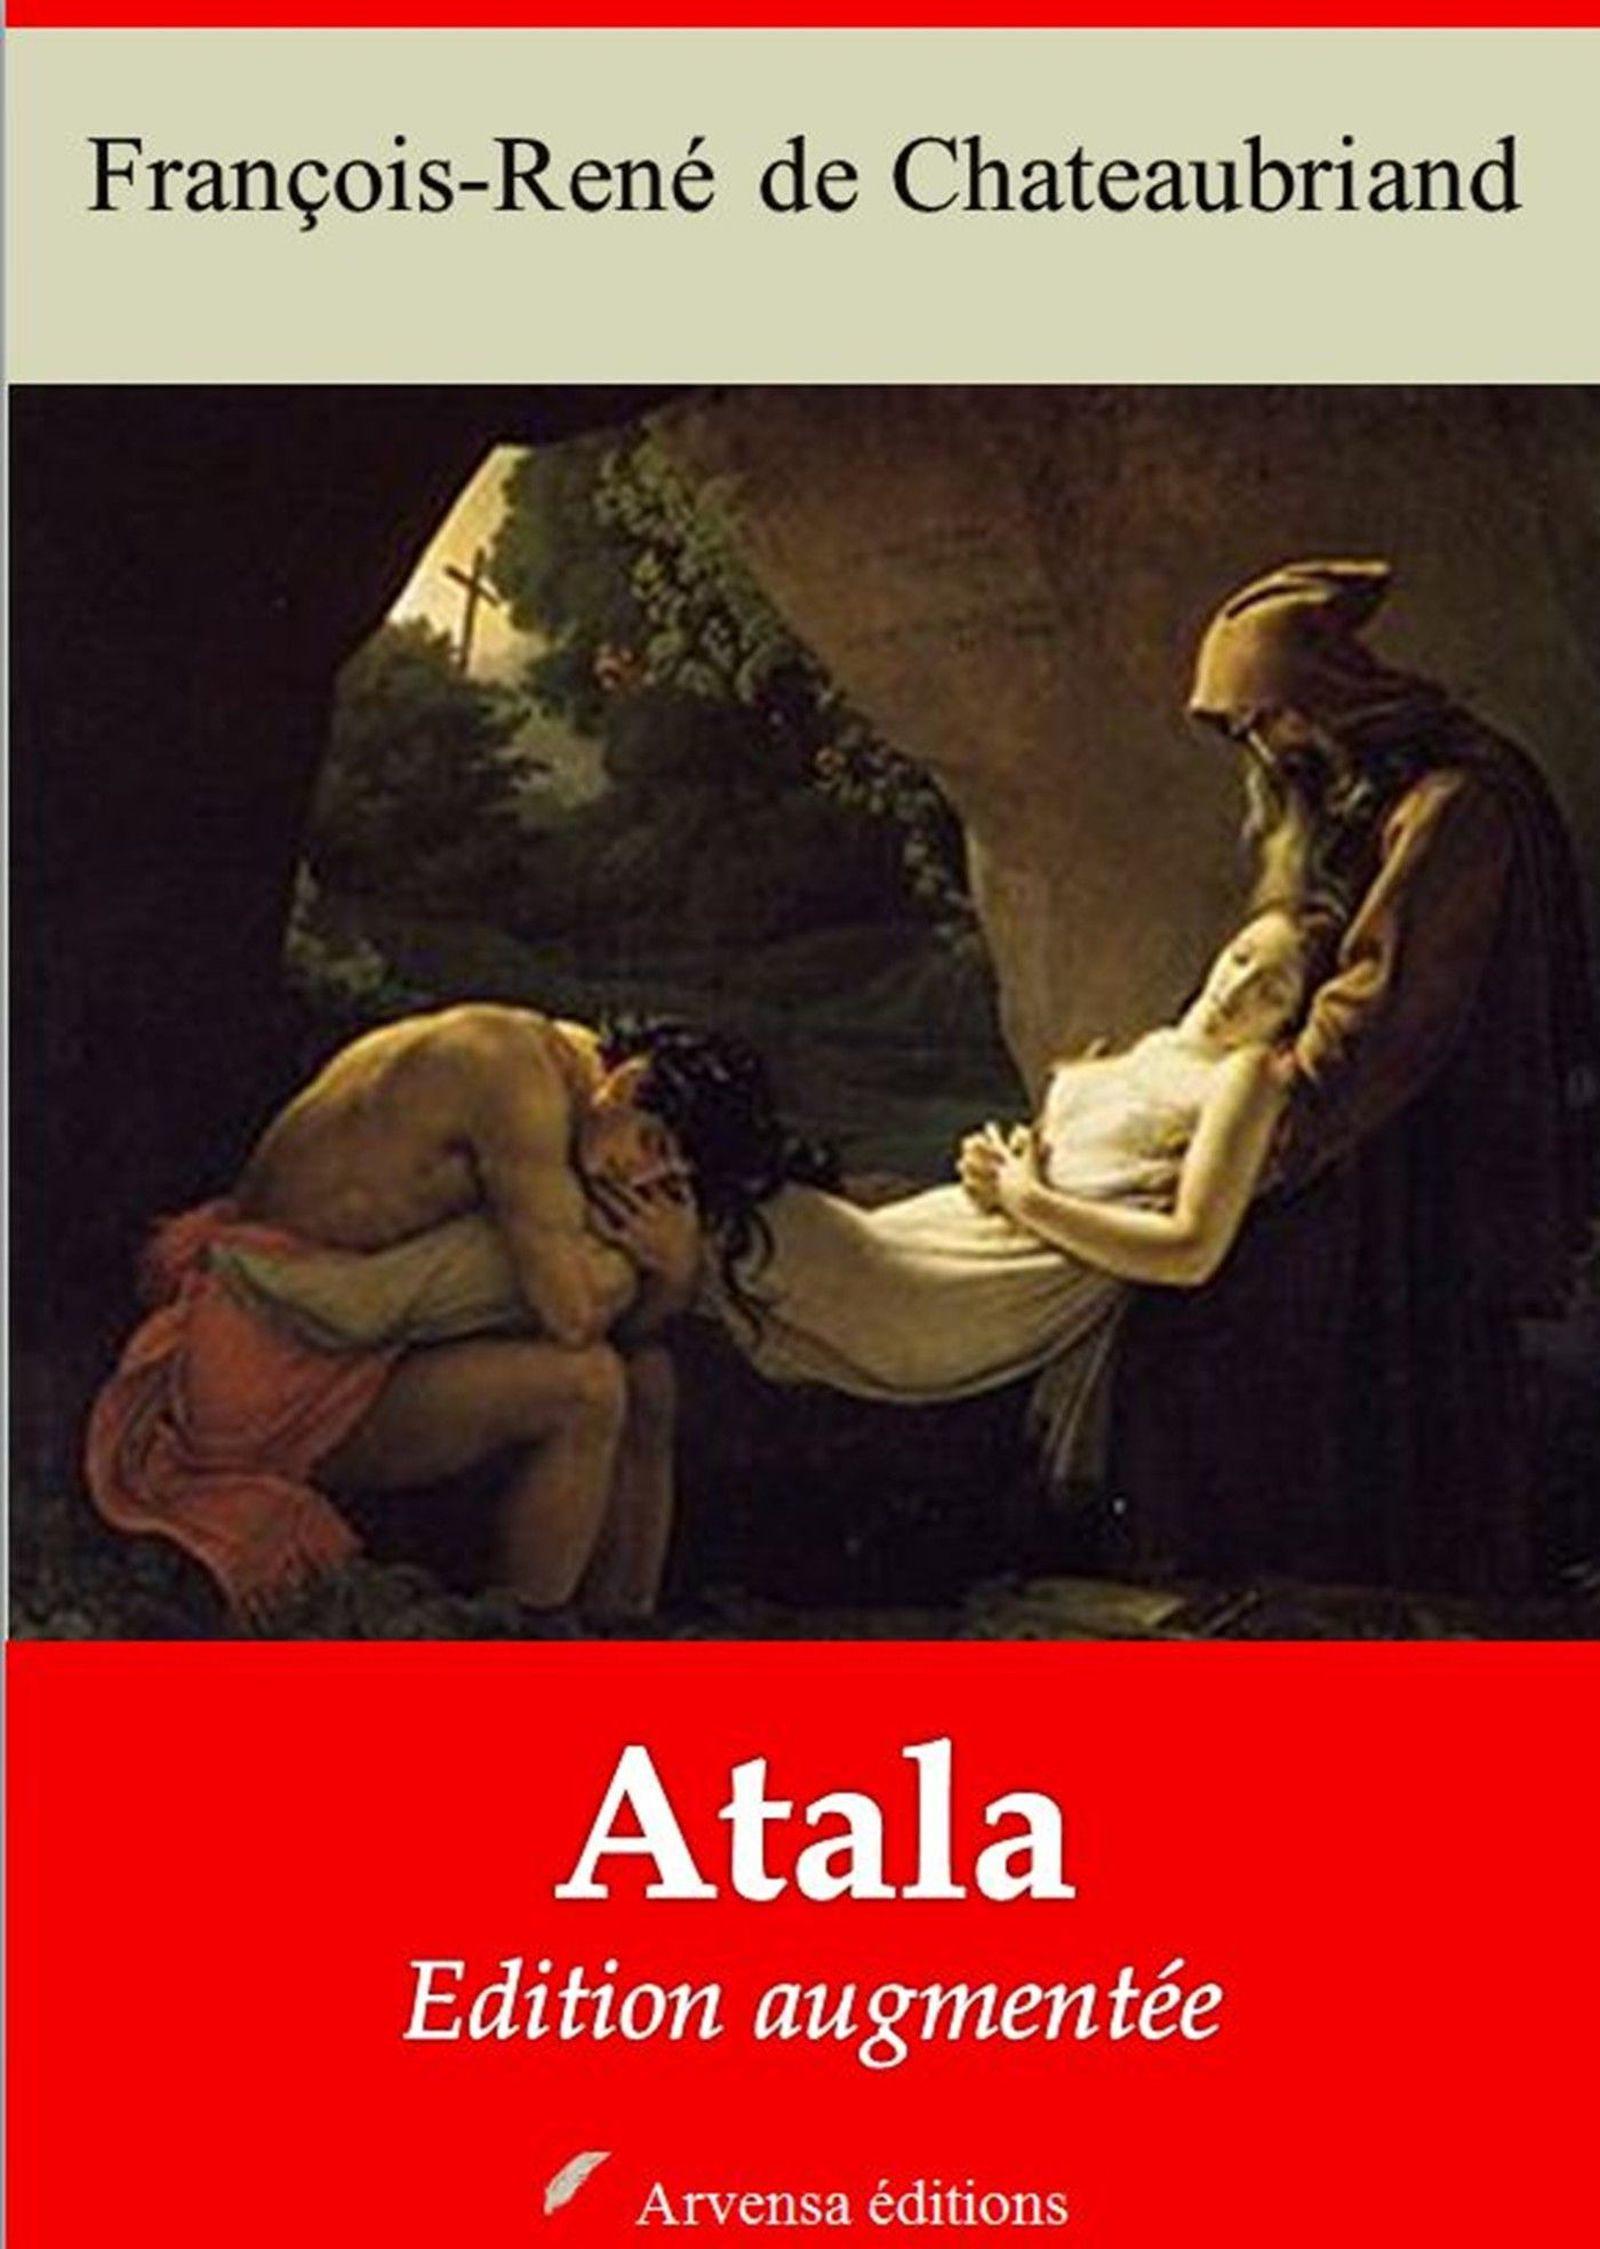 Atala - suivi d'annexes